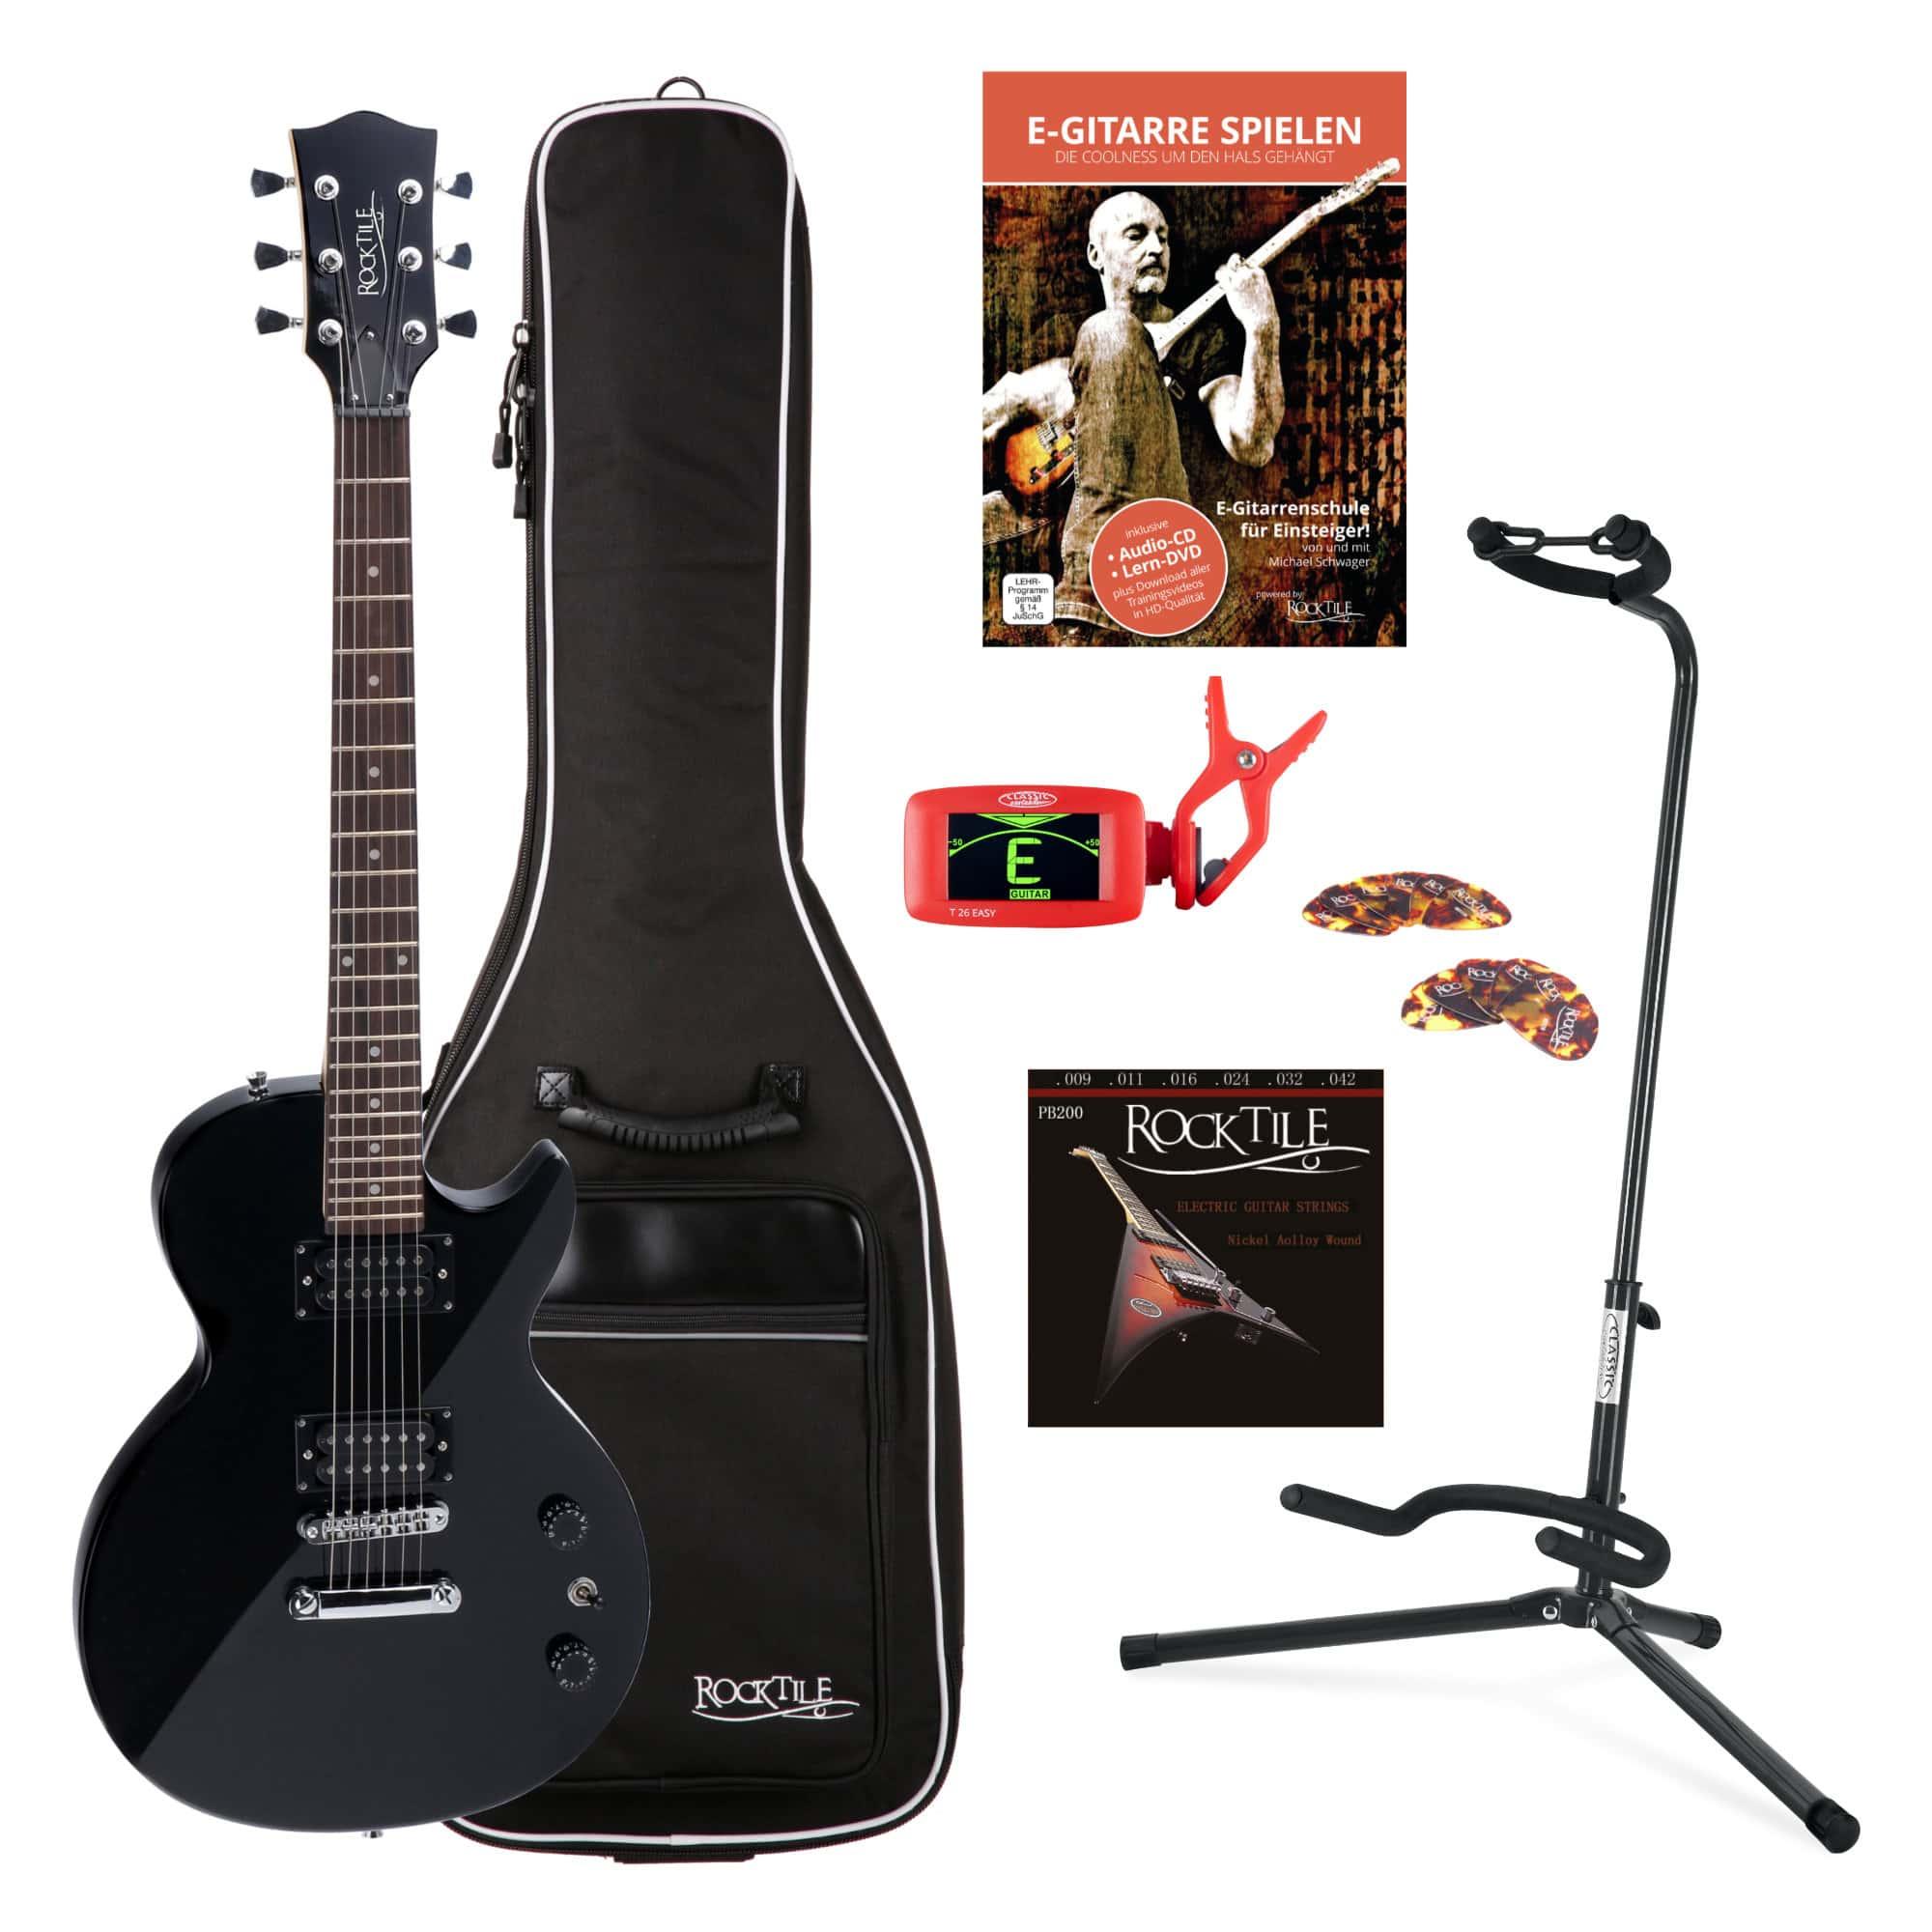 Rocktile L 100 BL E Gitarre Schwarz SET inkl. Gigbag Ständer Saiten Tuner Plektren